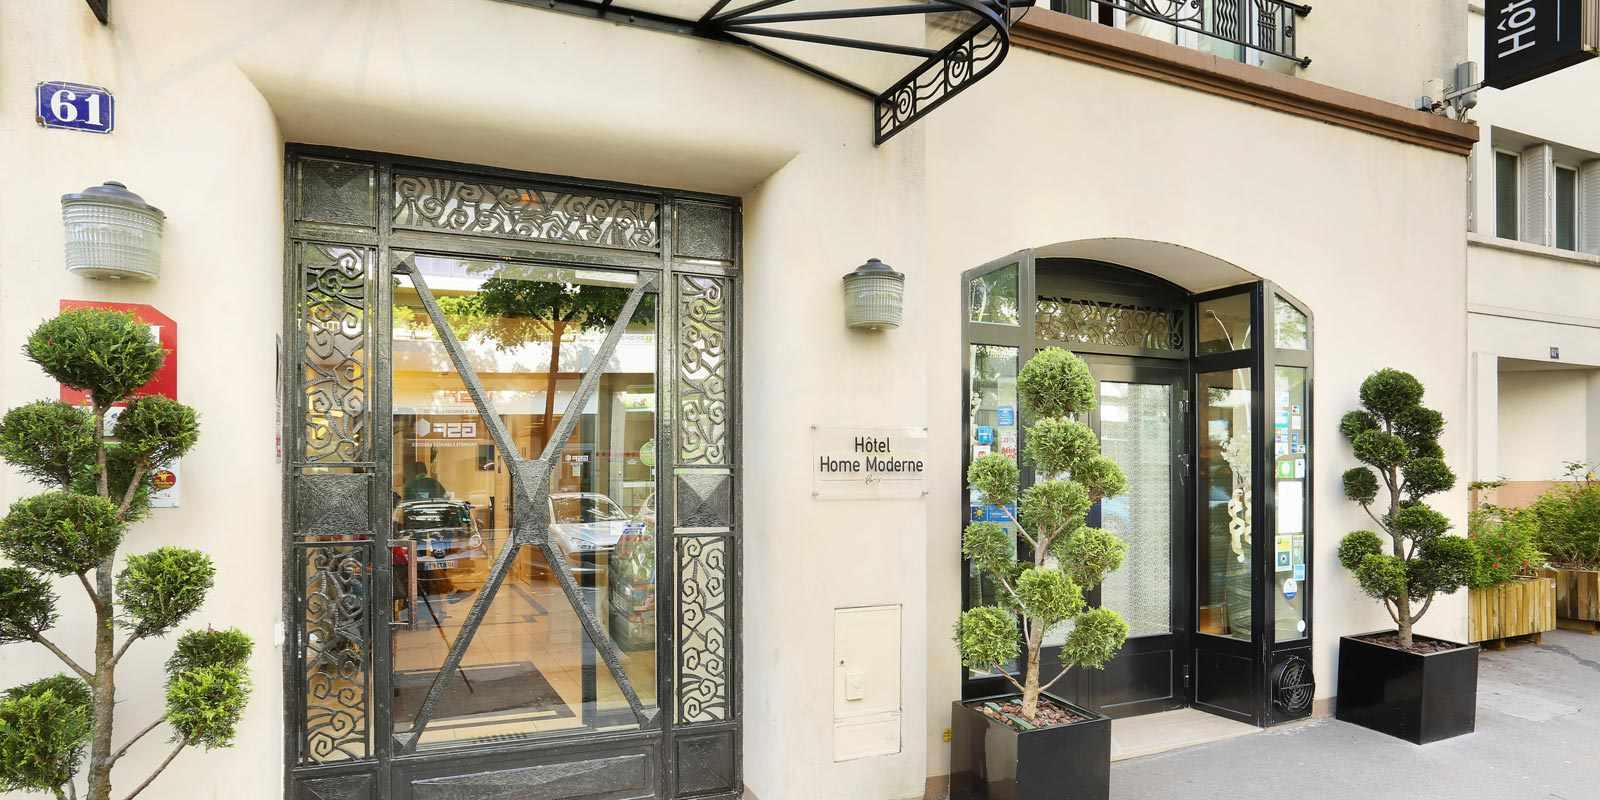 Hotel Home Moderne